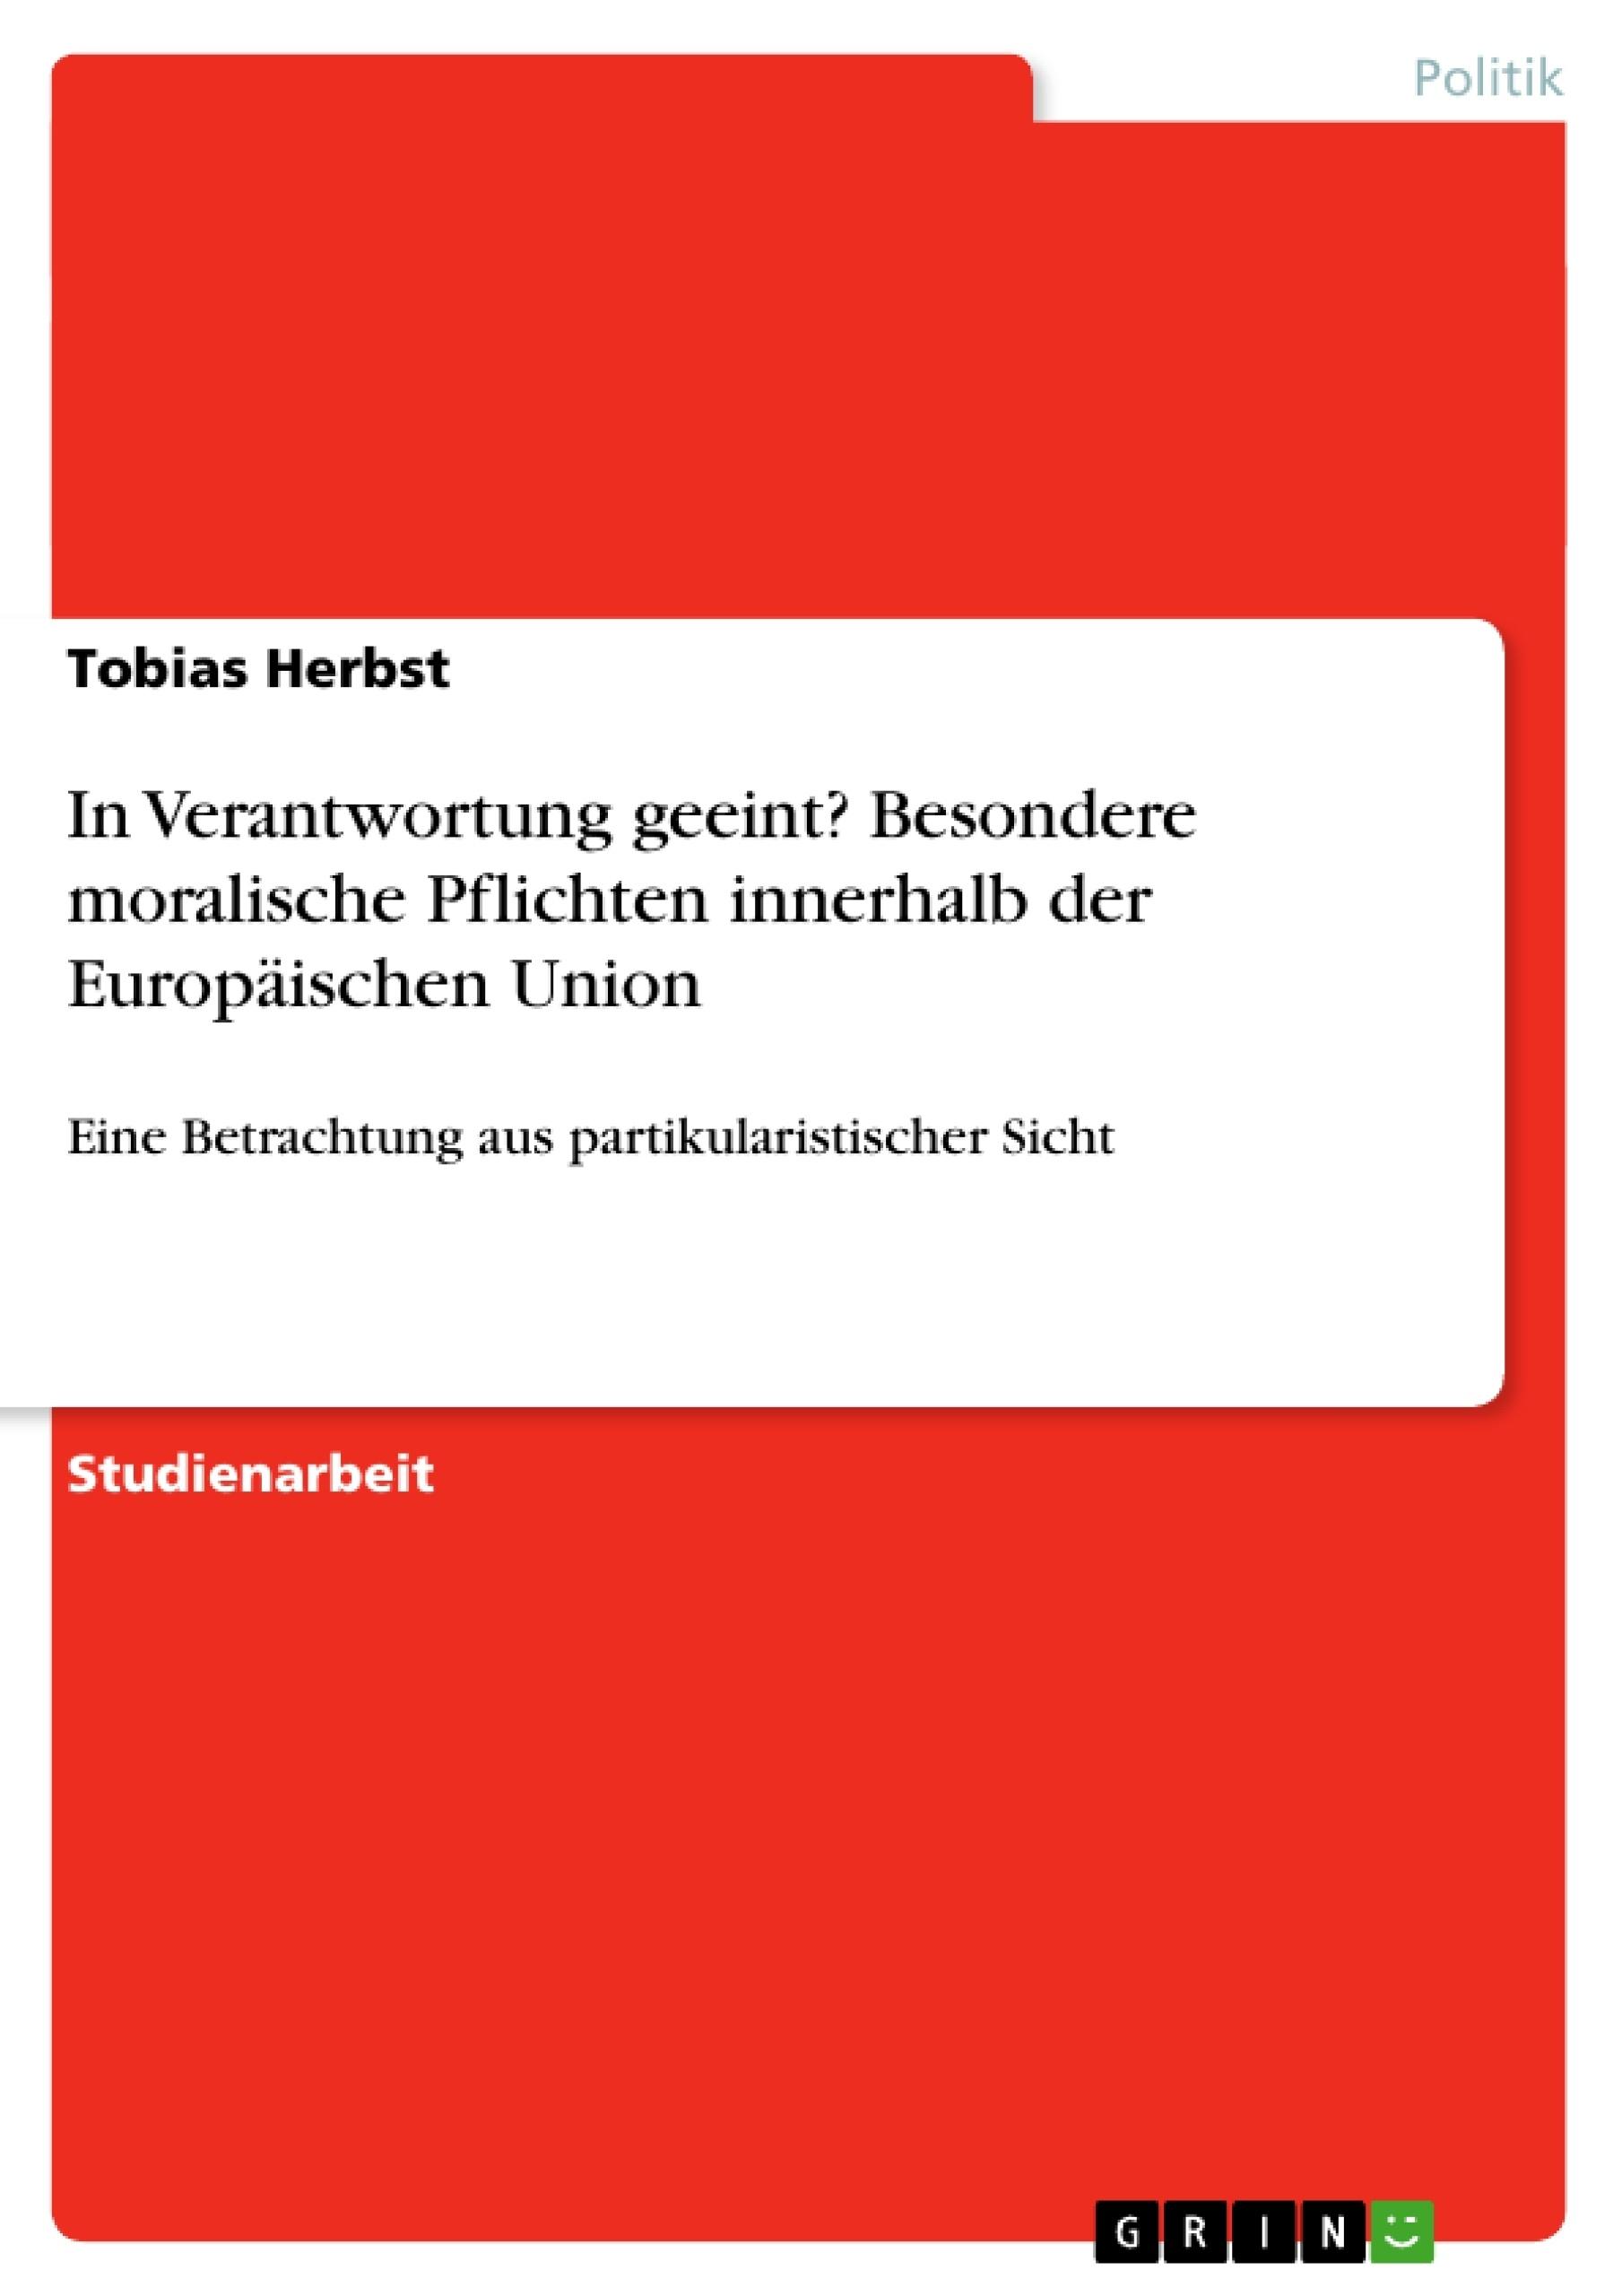 Titel: In Verantwortung geeint? Besondere moralische Pflichten innerhalb der Europäischen Union